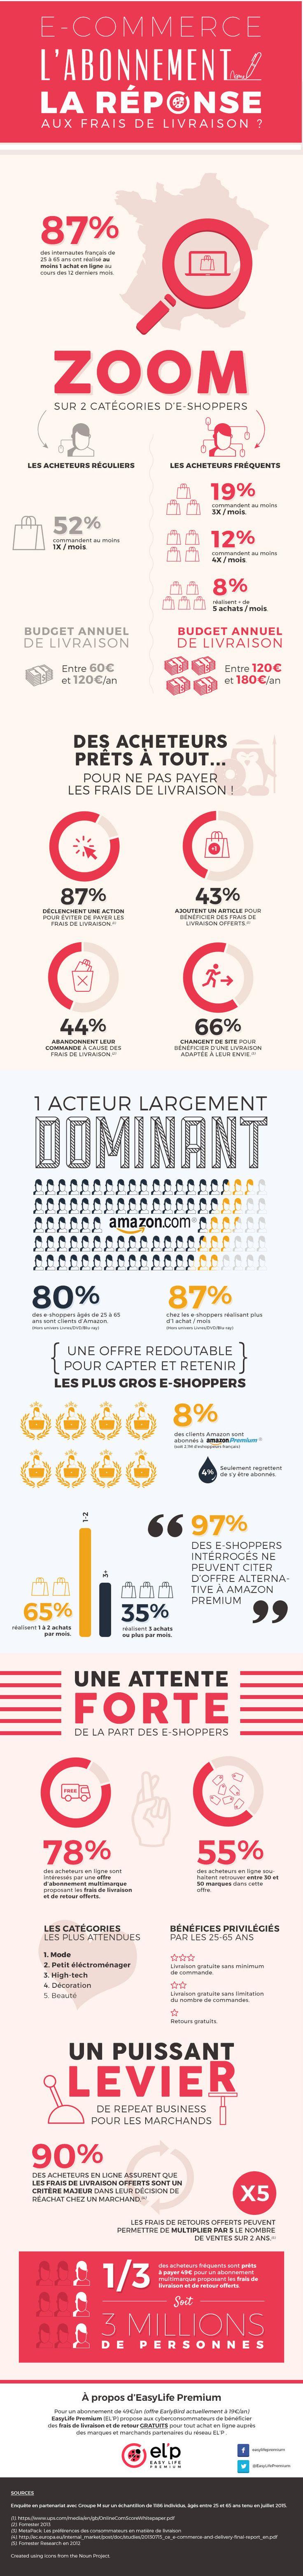 """[Infographie] E-commerce : l'abonnement et les frais de livraison """"offerts"""", la solution pour capter les e-shoppers récalcitrants? #ecommerce"""